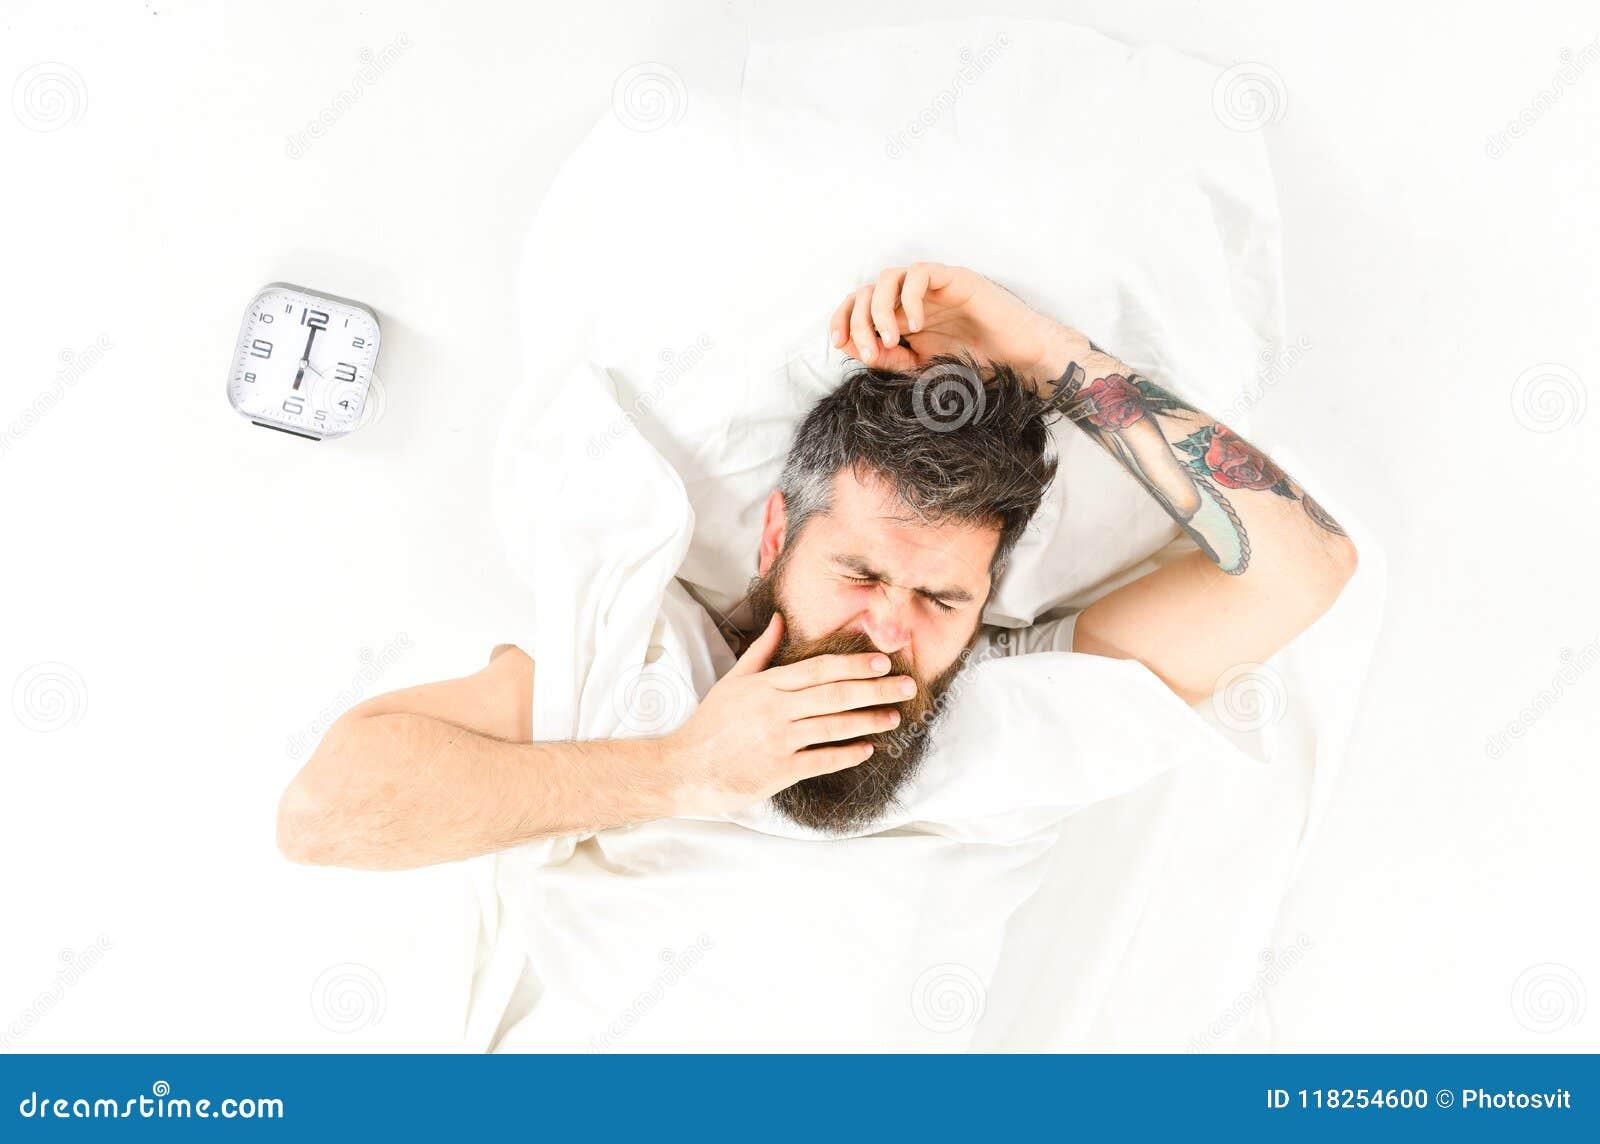 Homem com sono da tatuagem, manhã, necessidade de levantar-se